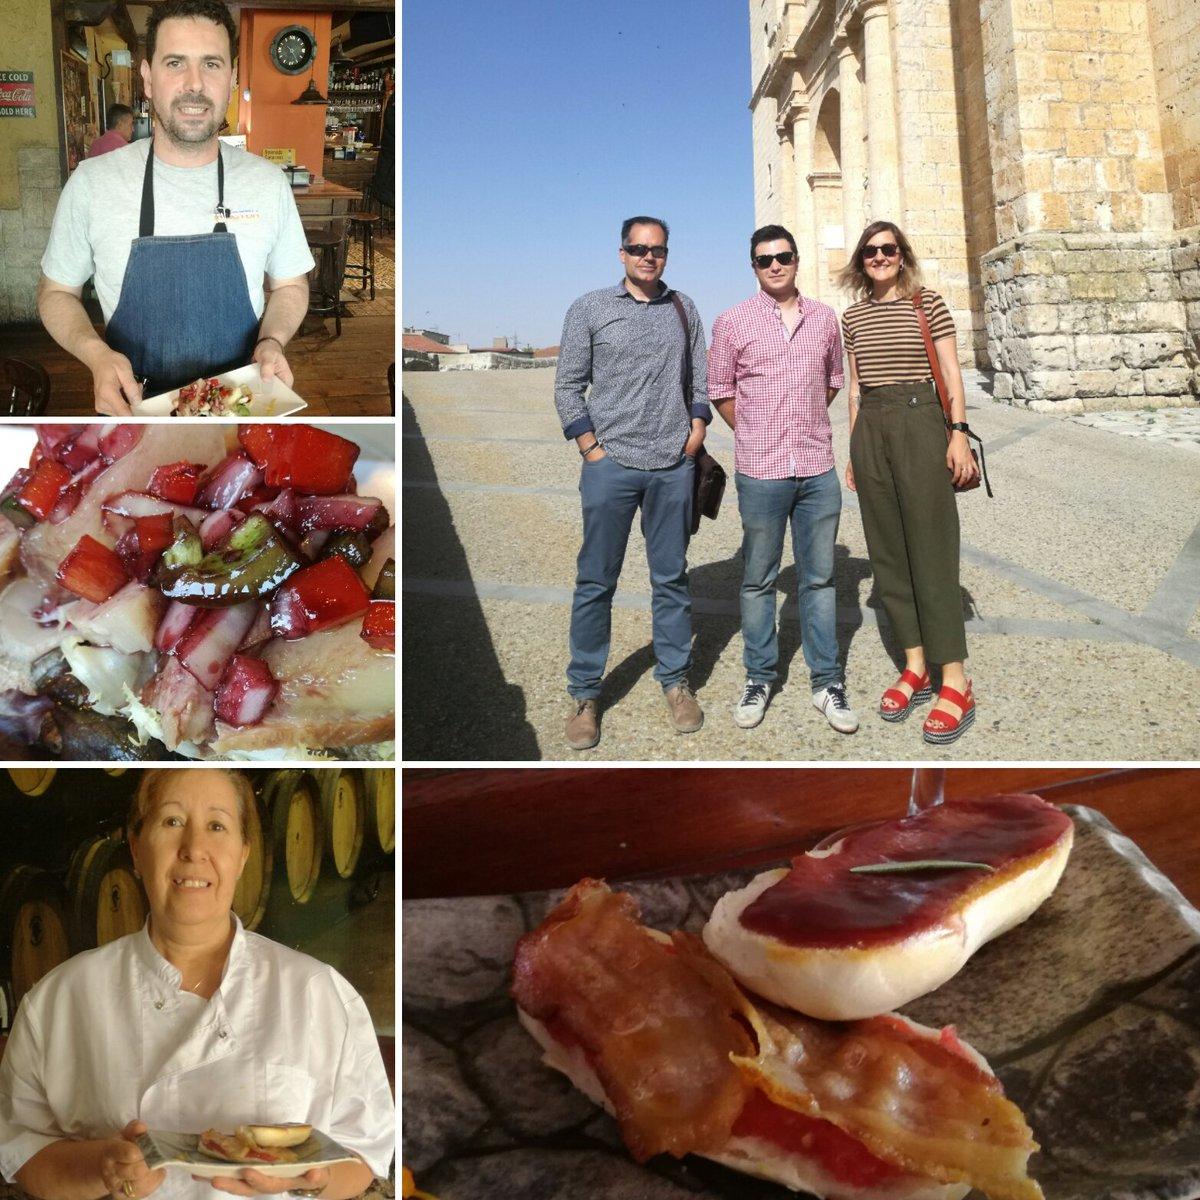 El jurado del VI Concurso de Pinchos compuesto por @Apehva y @centrvalladolid arrancó en Cigales visitando #BarZocha y #BarLasBarricas @TurismoCigales @DOCigales @CyLesVida @rutasvinoespana #HaciendoCigales